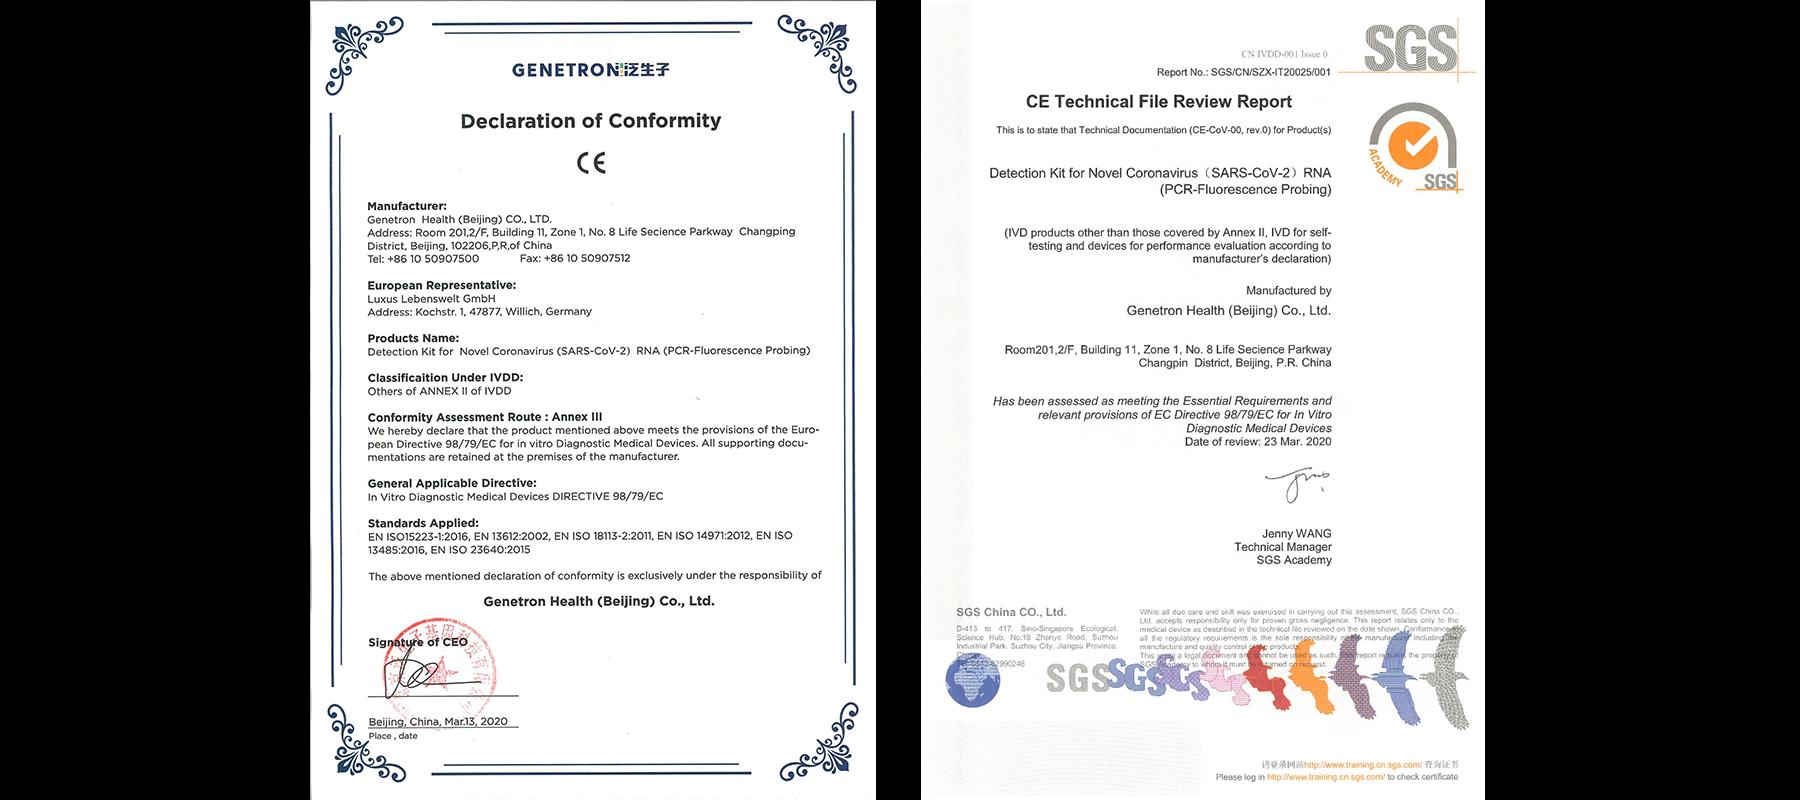 新型冠状病毒(2019-nCoV)核酸检测试剂盒